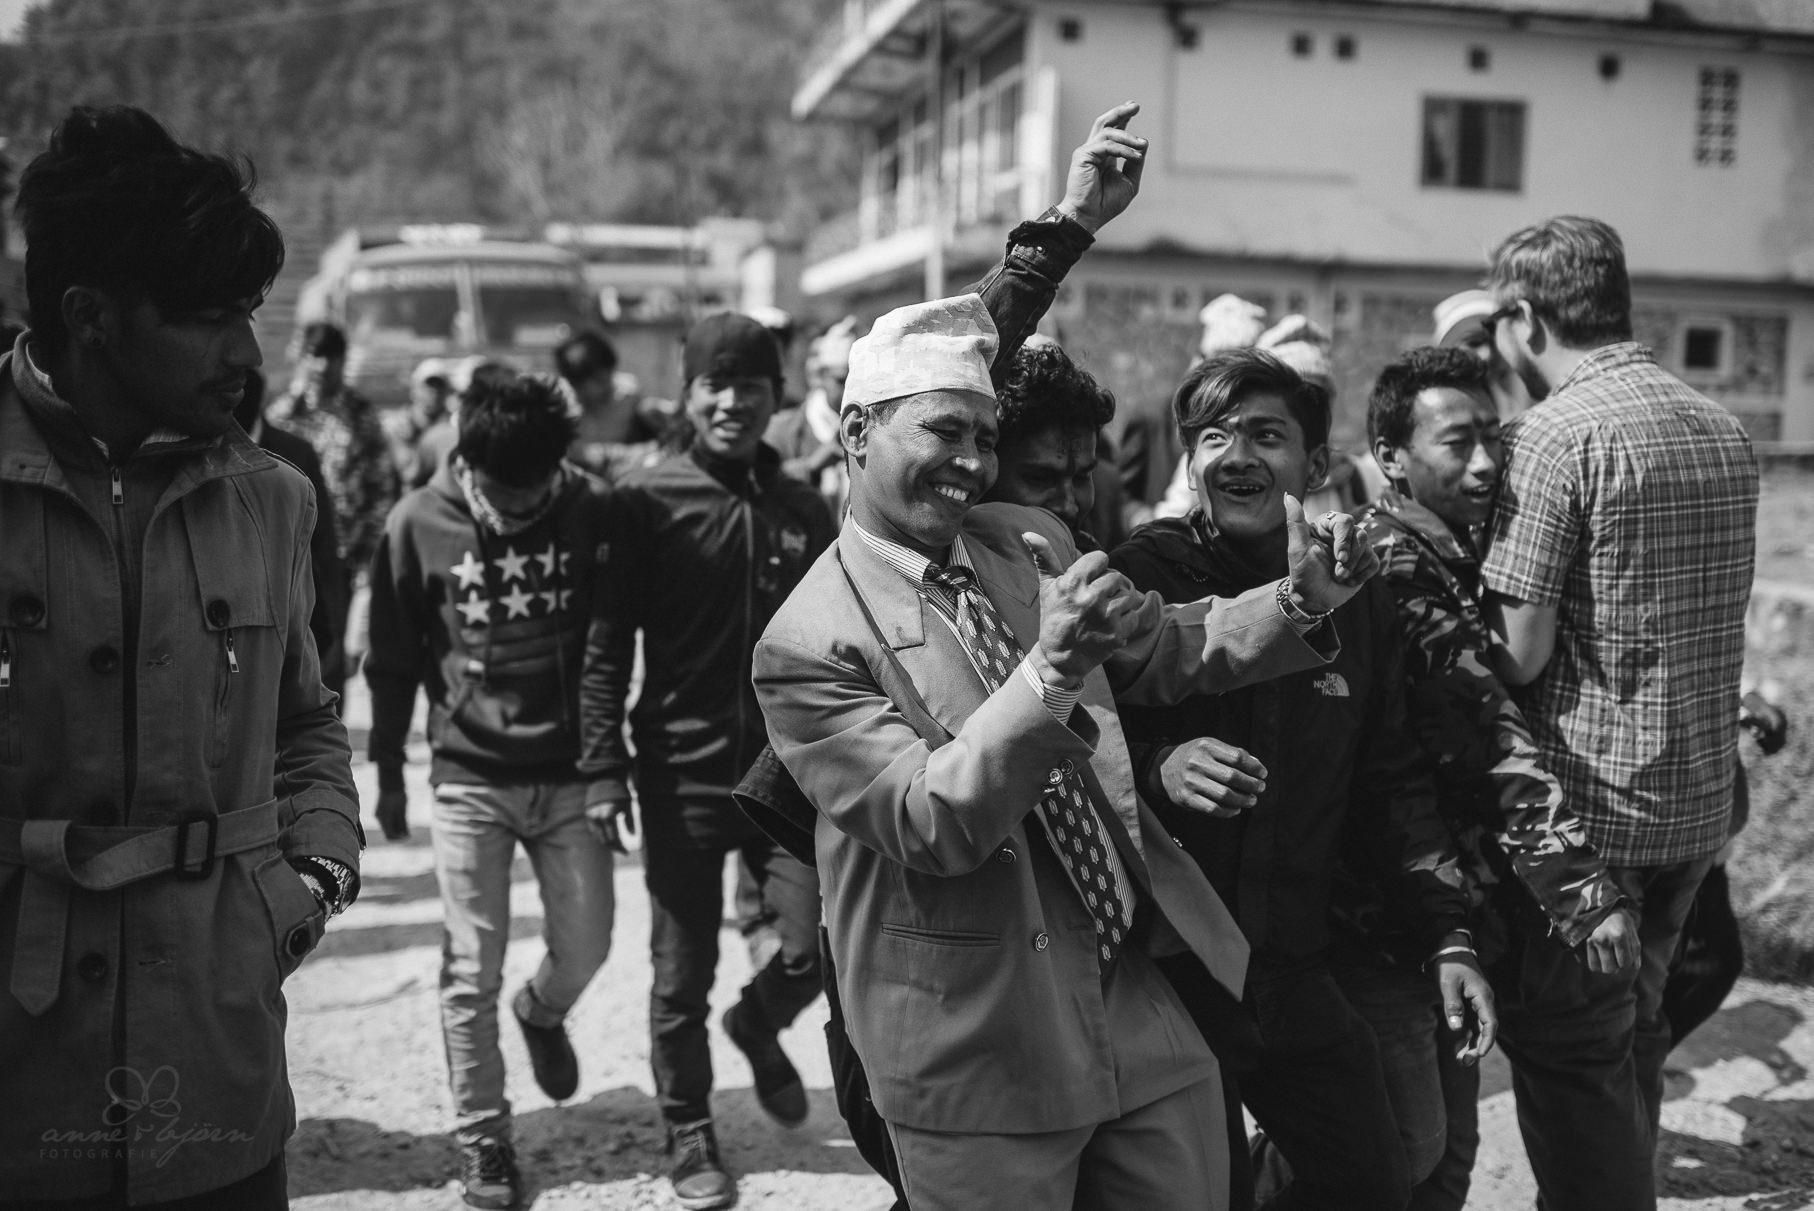 0024 anne und bjoern chitwan nationalpark nepal d75 3698 2 - Nepal Teil 3 - Roadtrip, Chitwan Nationalpark und eine spontane Hochzeit